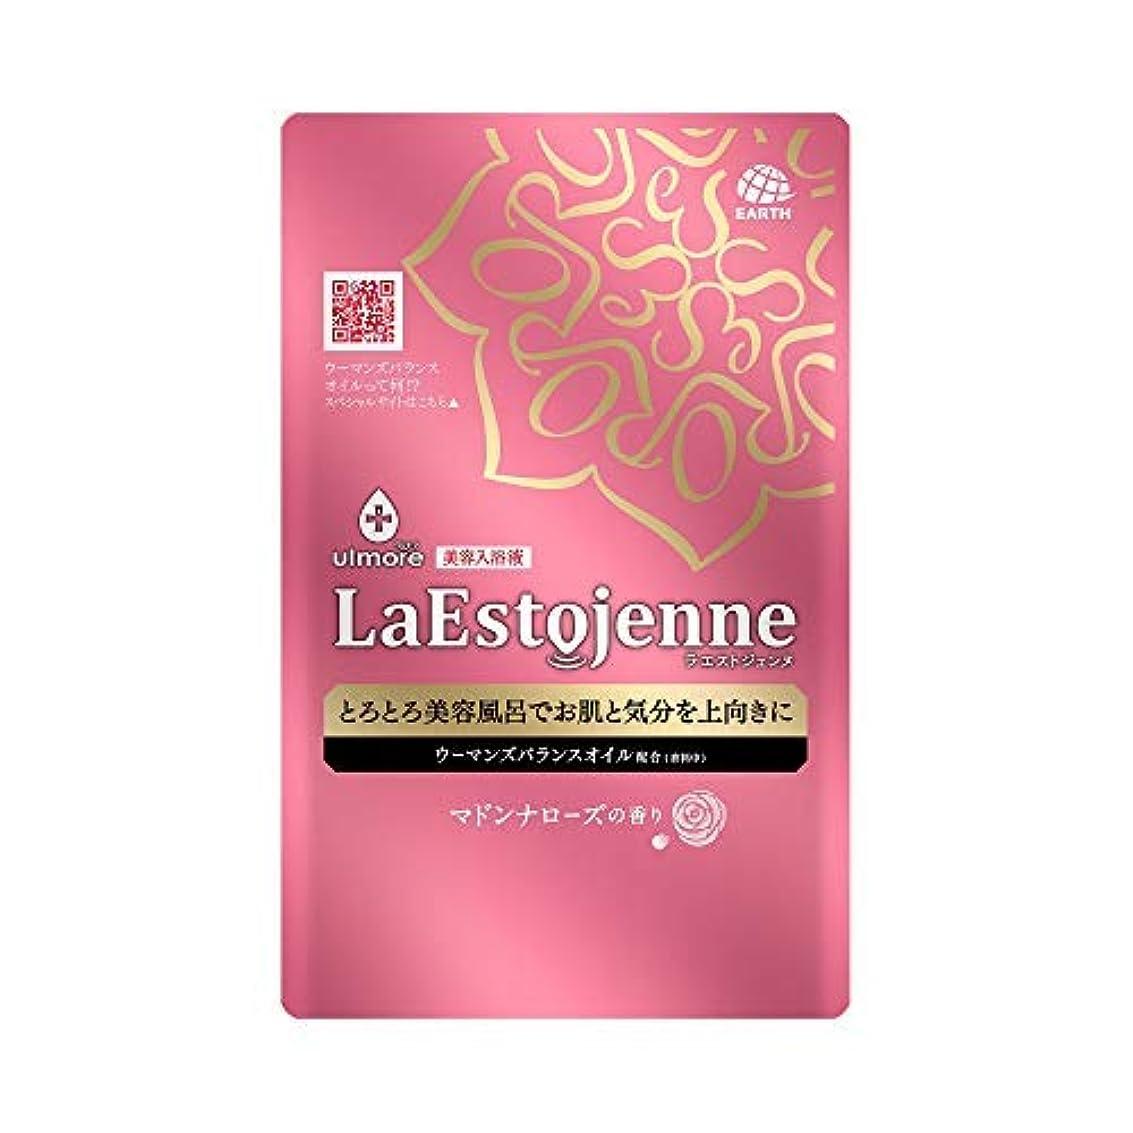 瞑想グローバルモスクウルモア ラエストジェンヌ マドンナローズの香り 1包 × 3個セット